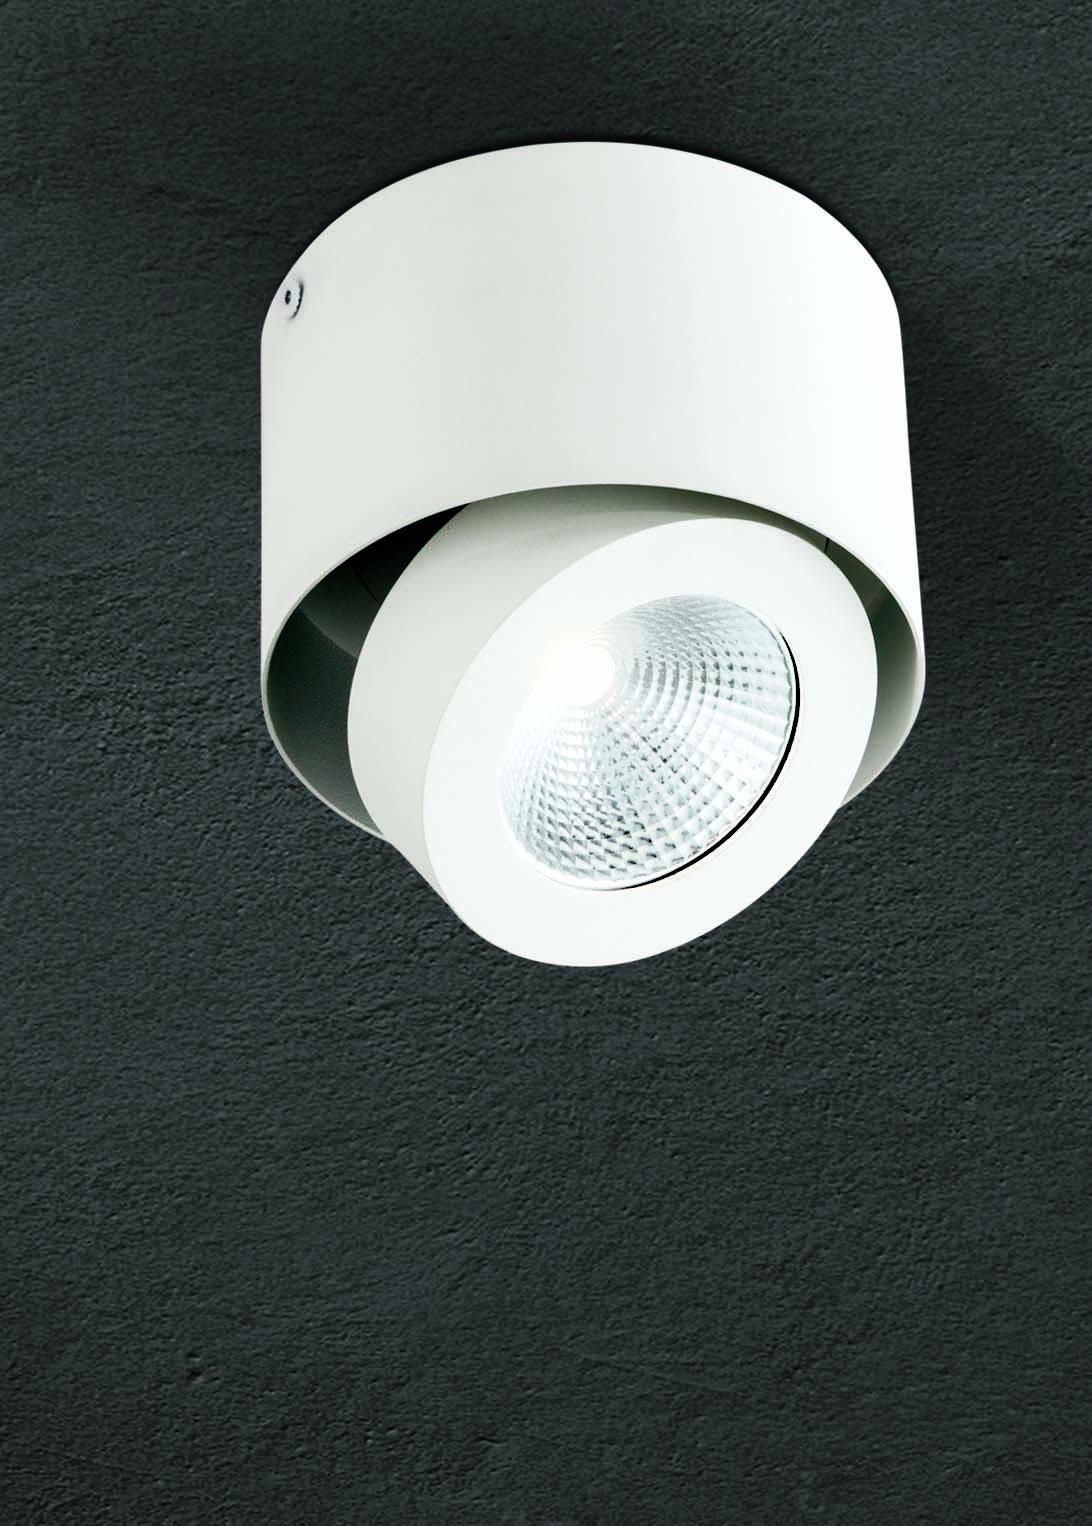 Hausmarke LED-Spot MENO weiß Str 10-466 weiß/ABL